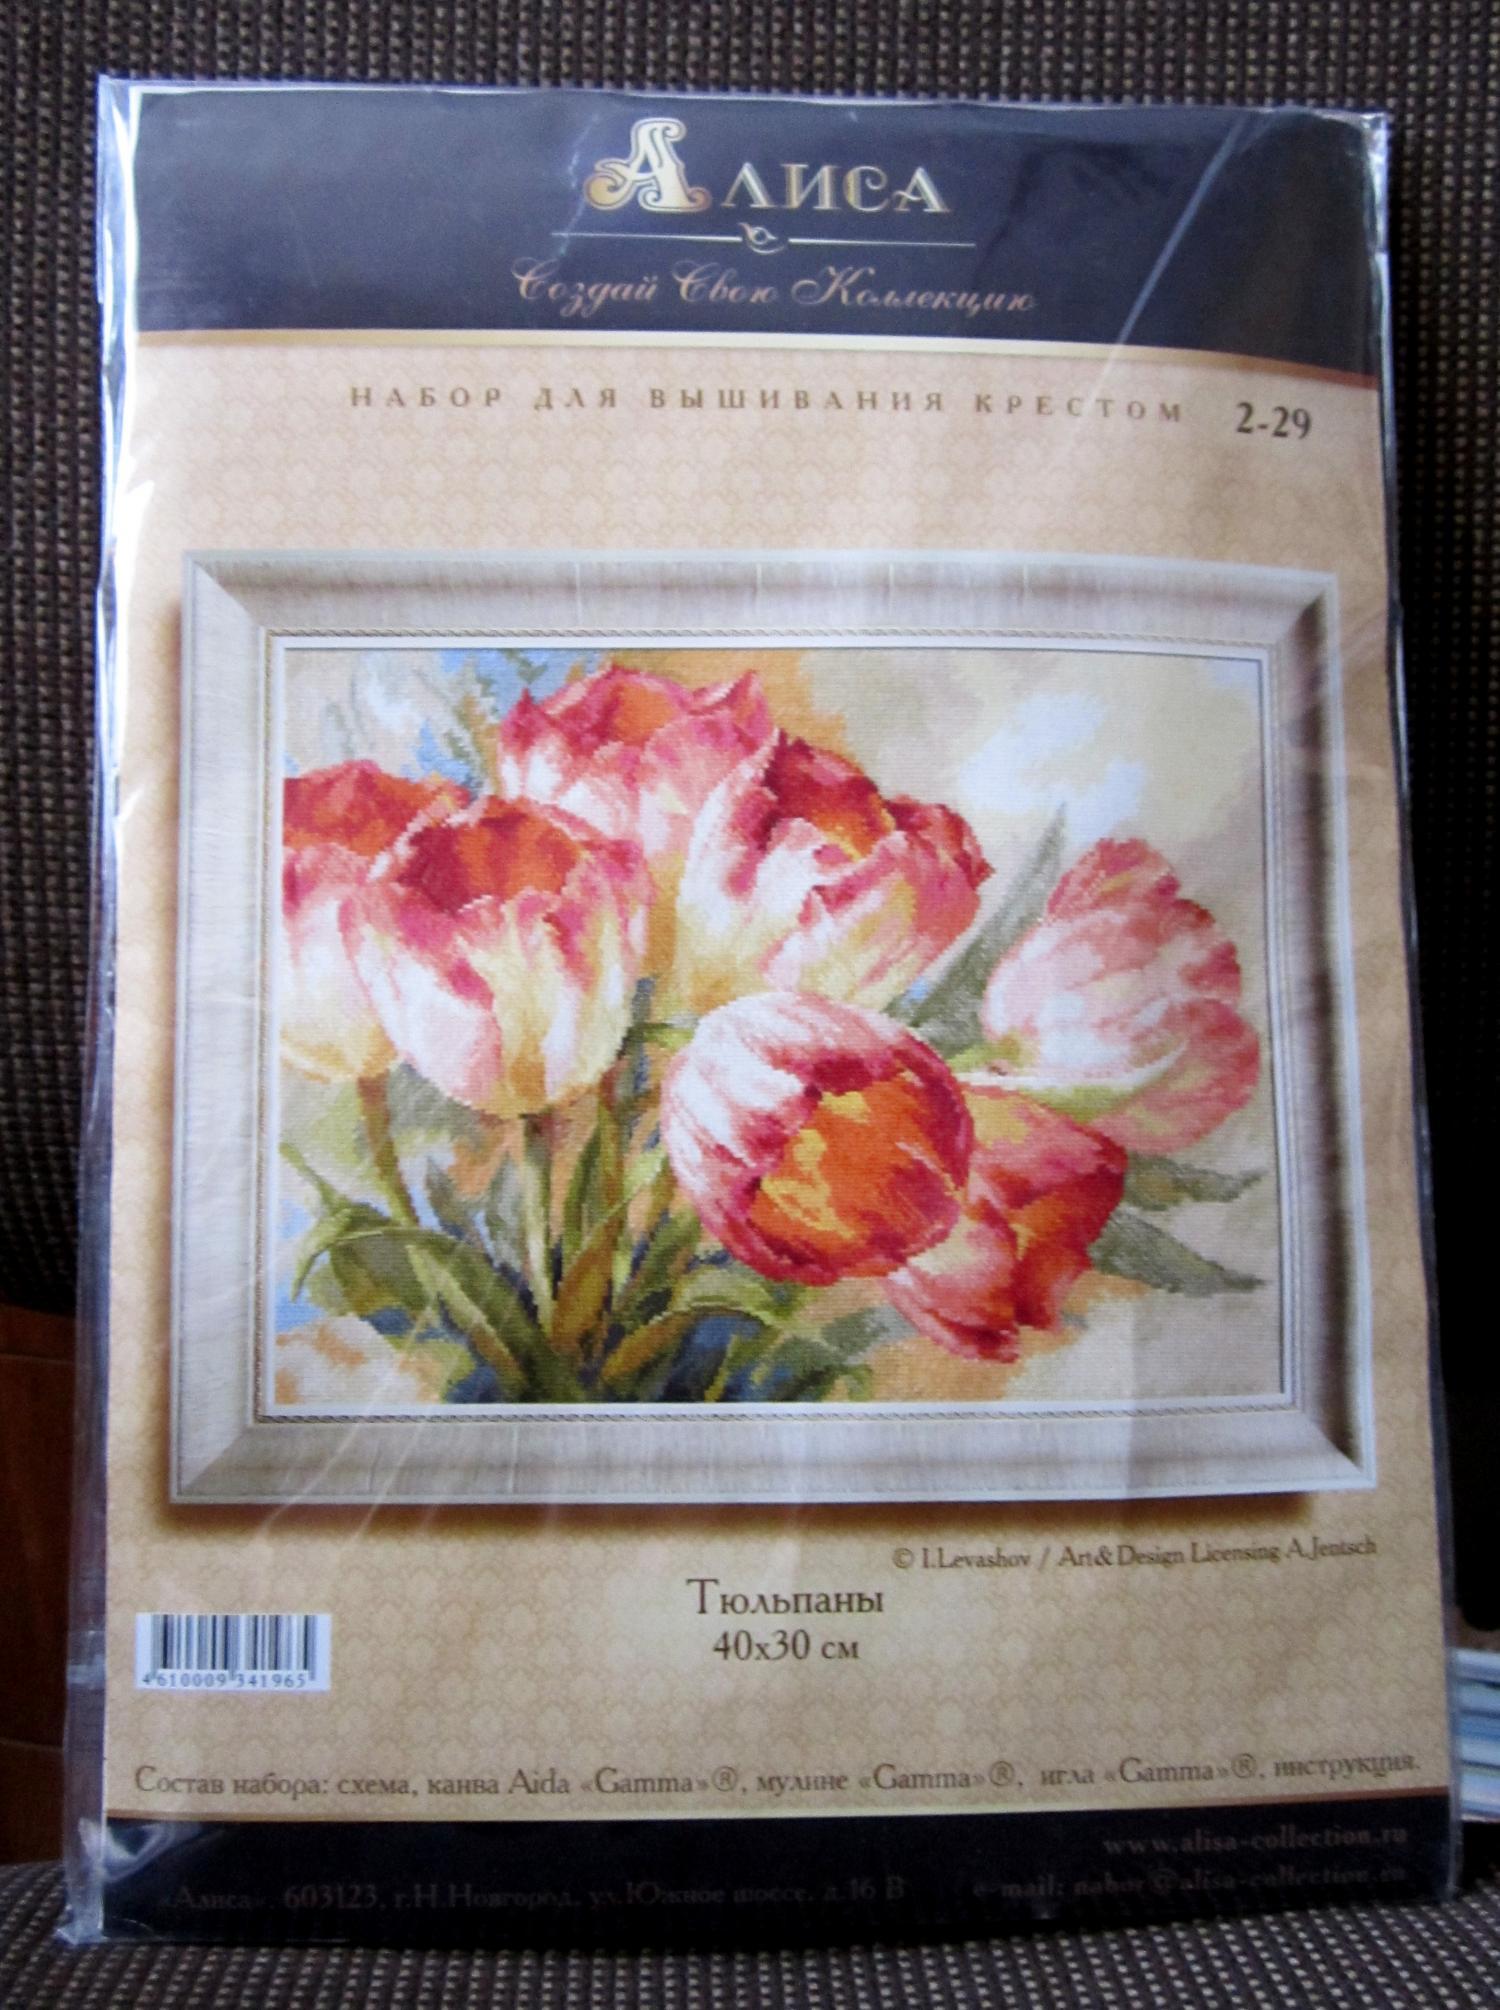 Отзывы о вышивке 2-29 тюльпаны алиса